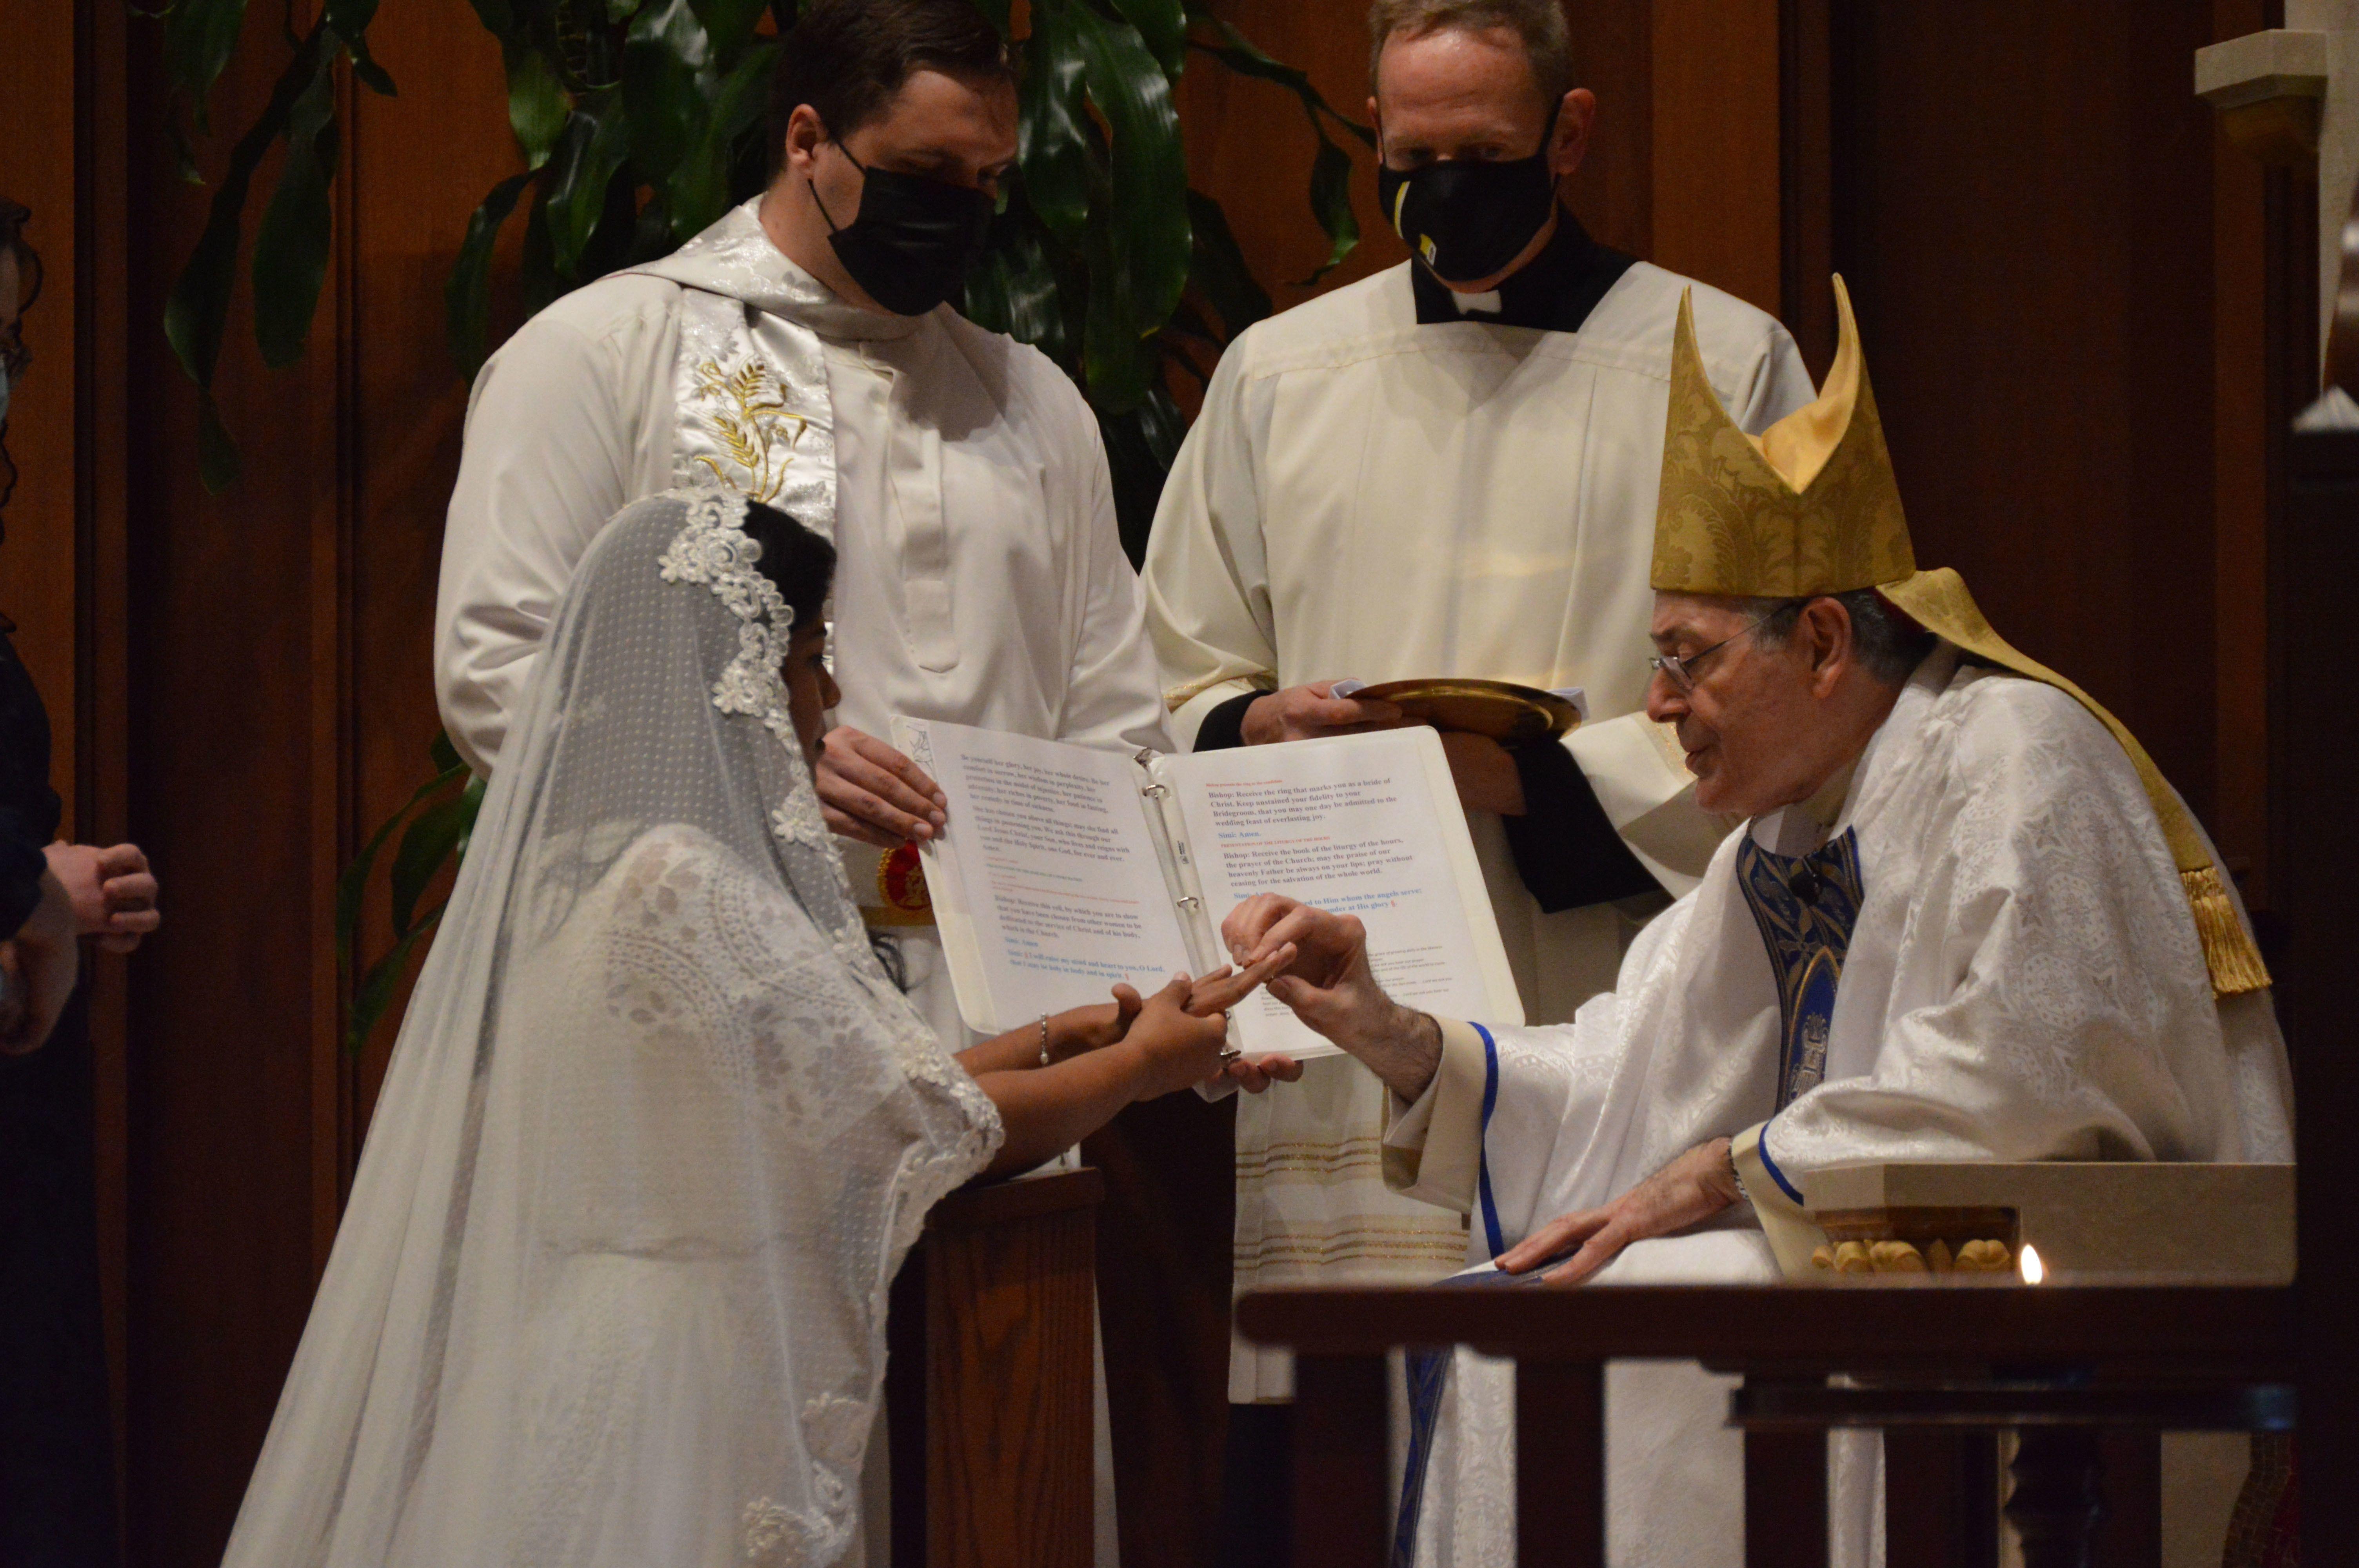 Dedicated to Jesus in virginity: Simi Sahu enters order of virgins living in the world